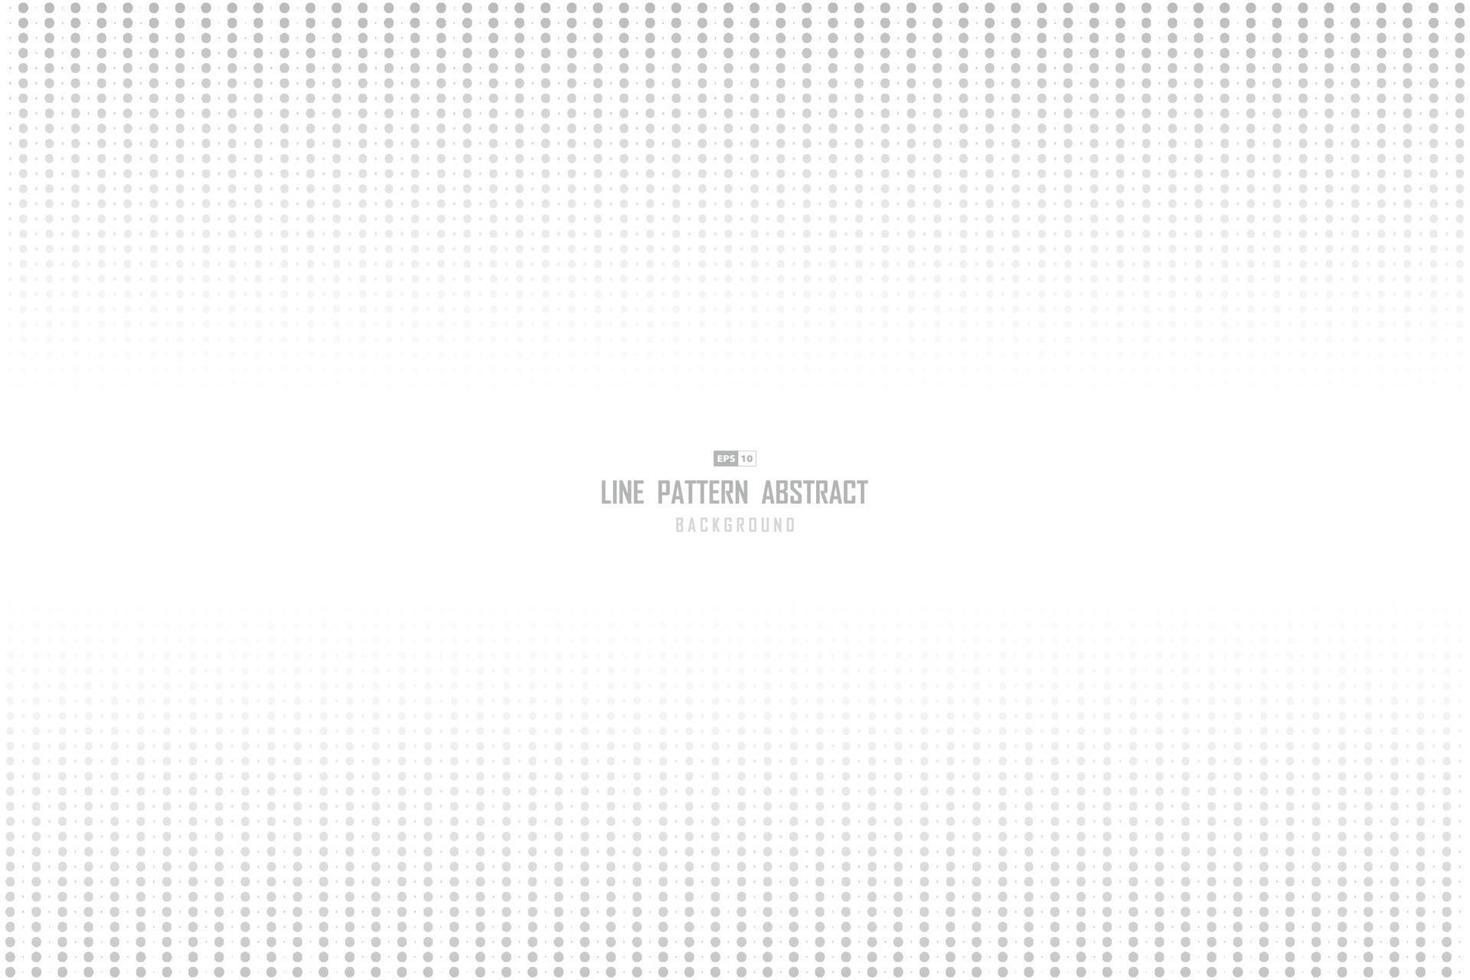 abstrakt minimal mönster halvton linje mall design bakgrund. illustration vektor eps10